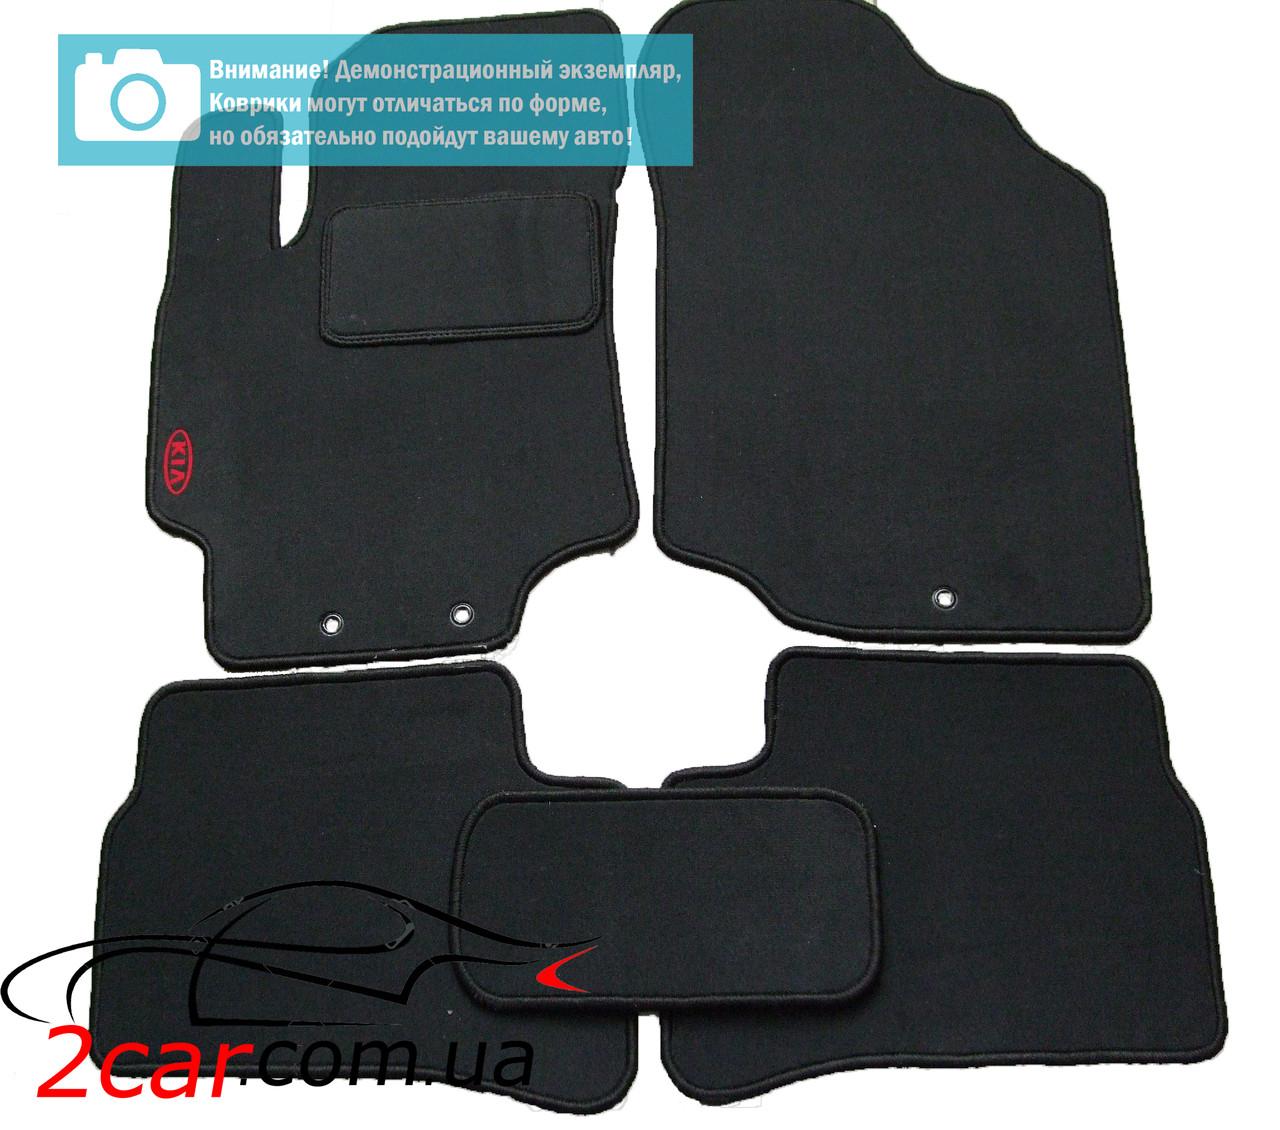 Текстильные коврики в салон для Opel Kadett (1984-1991) (чёрный) (Stin